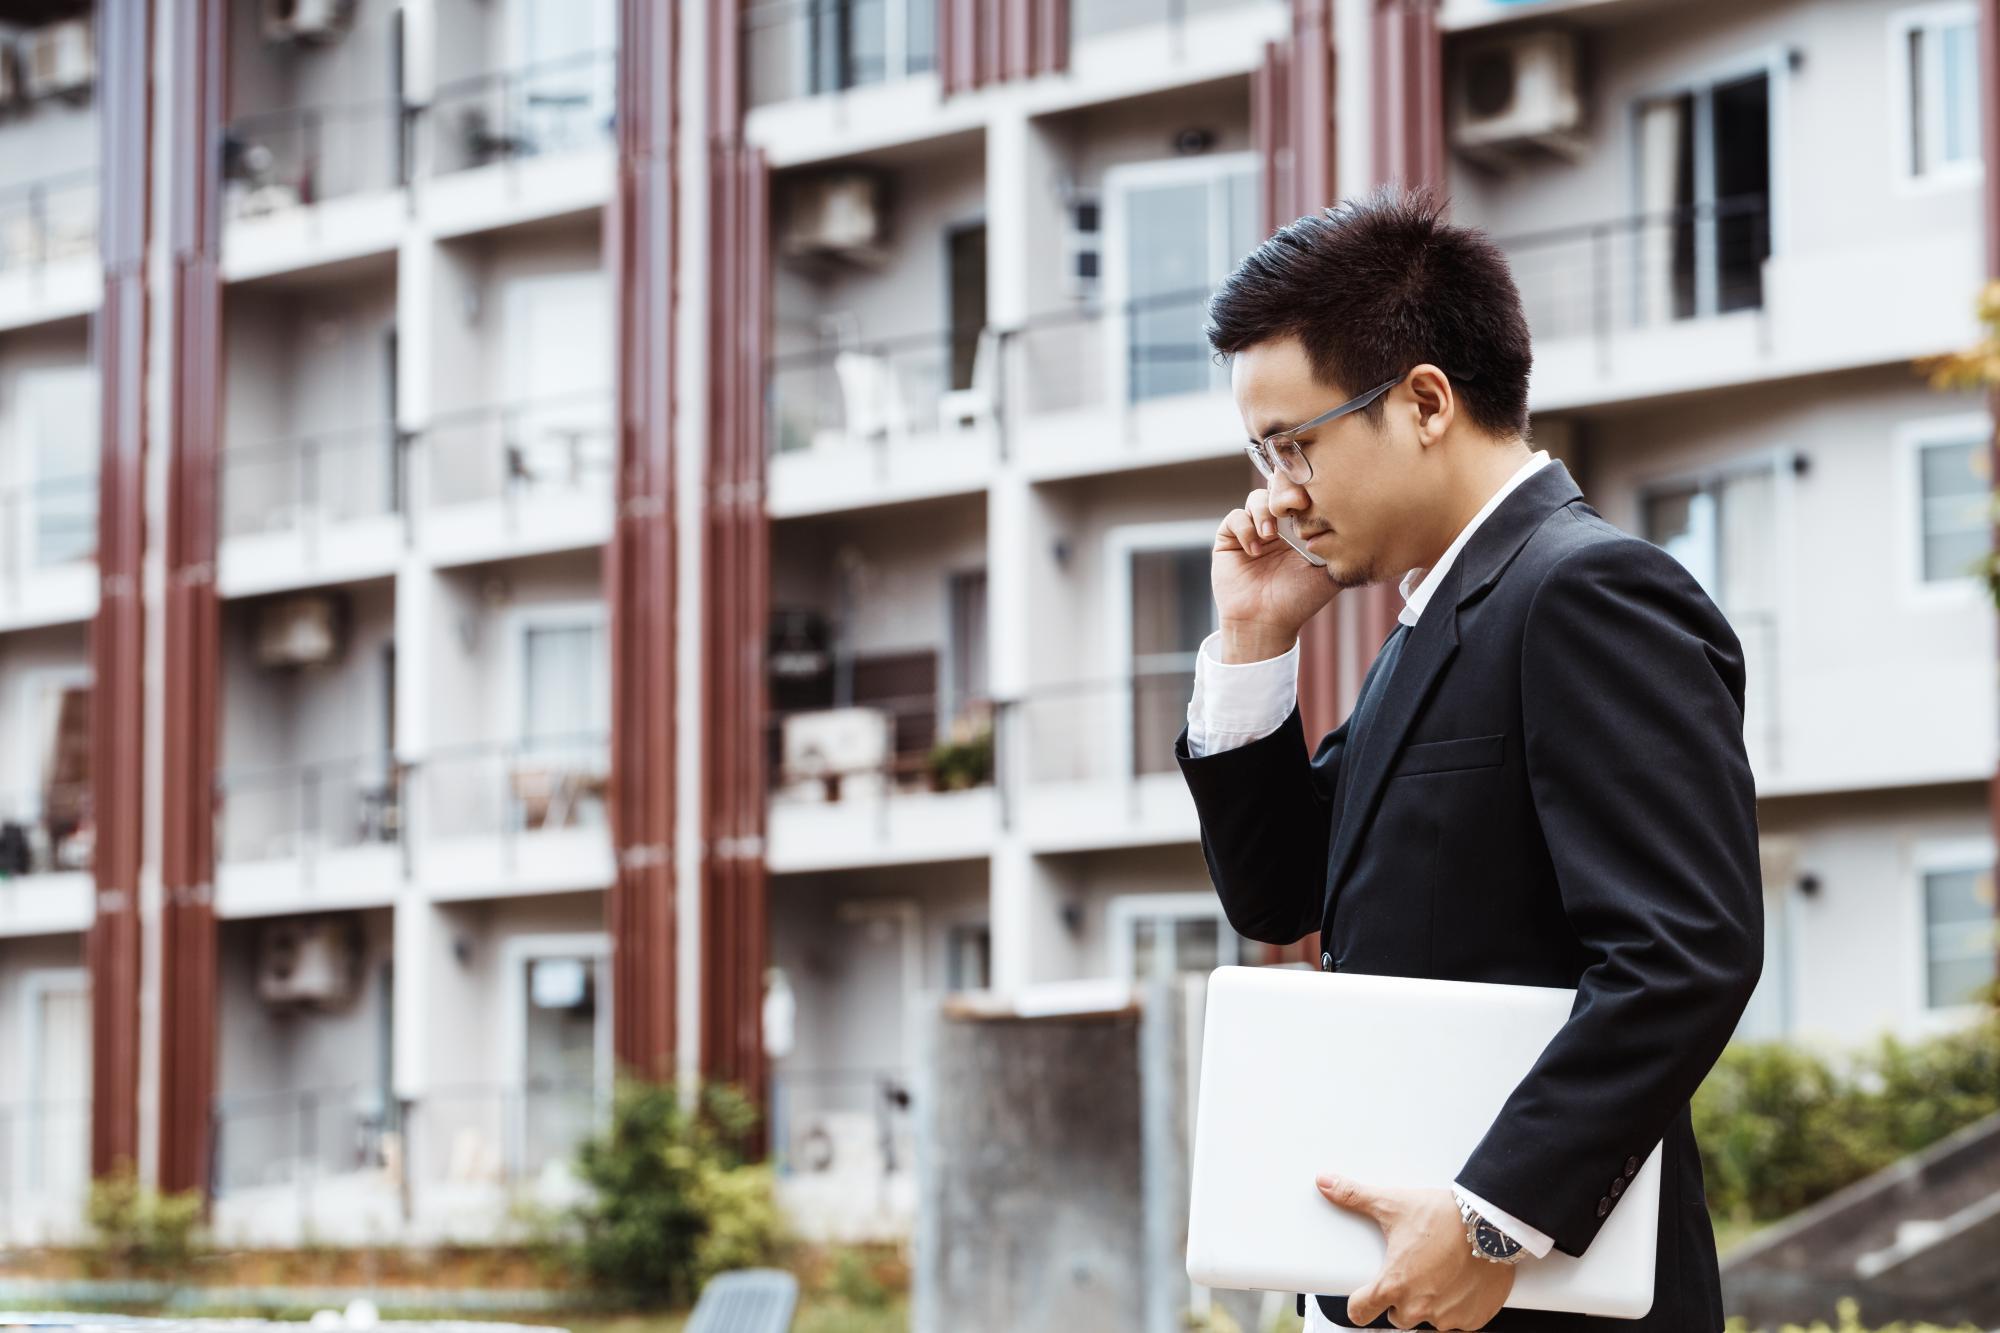 Зарегистрированные права на недвижимость оспариваются в порядке искового производства